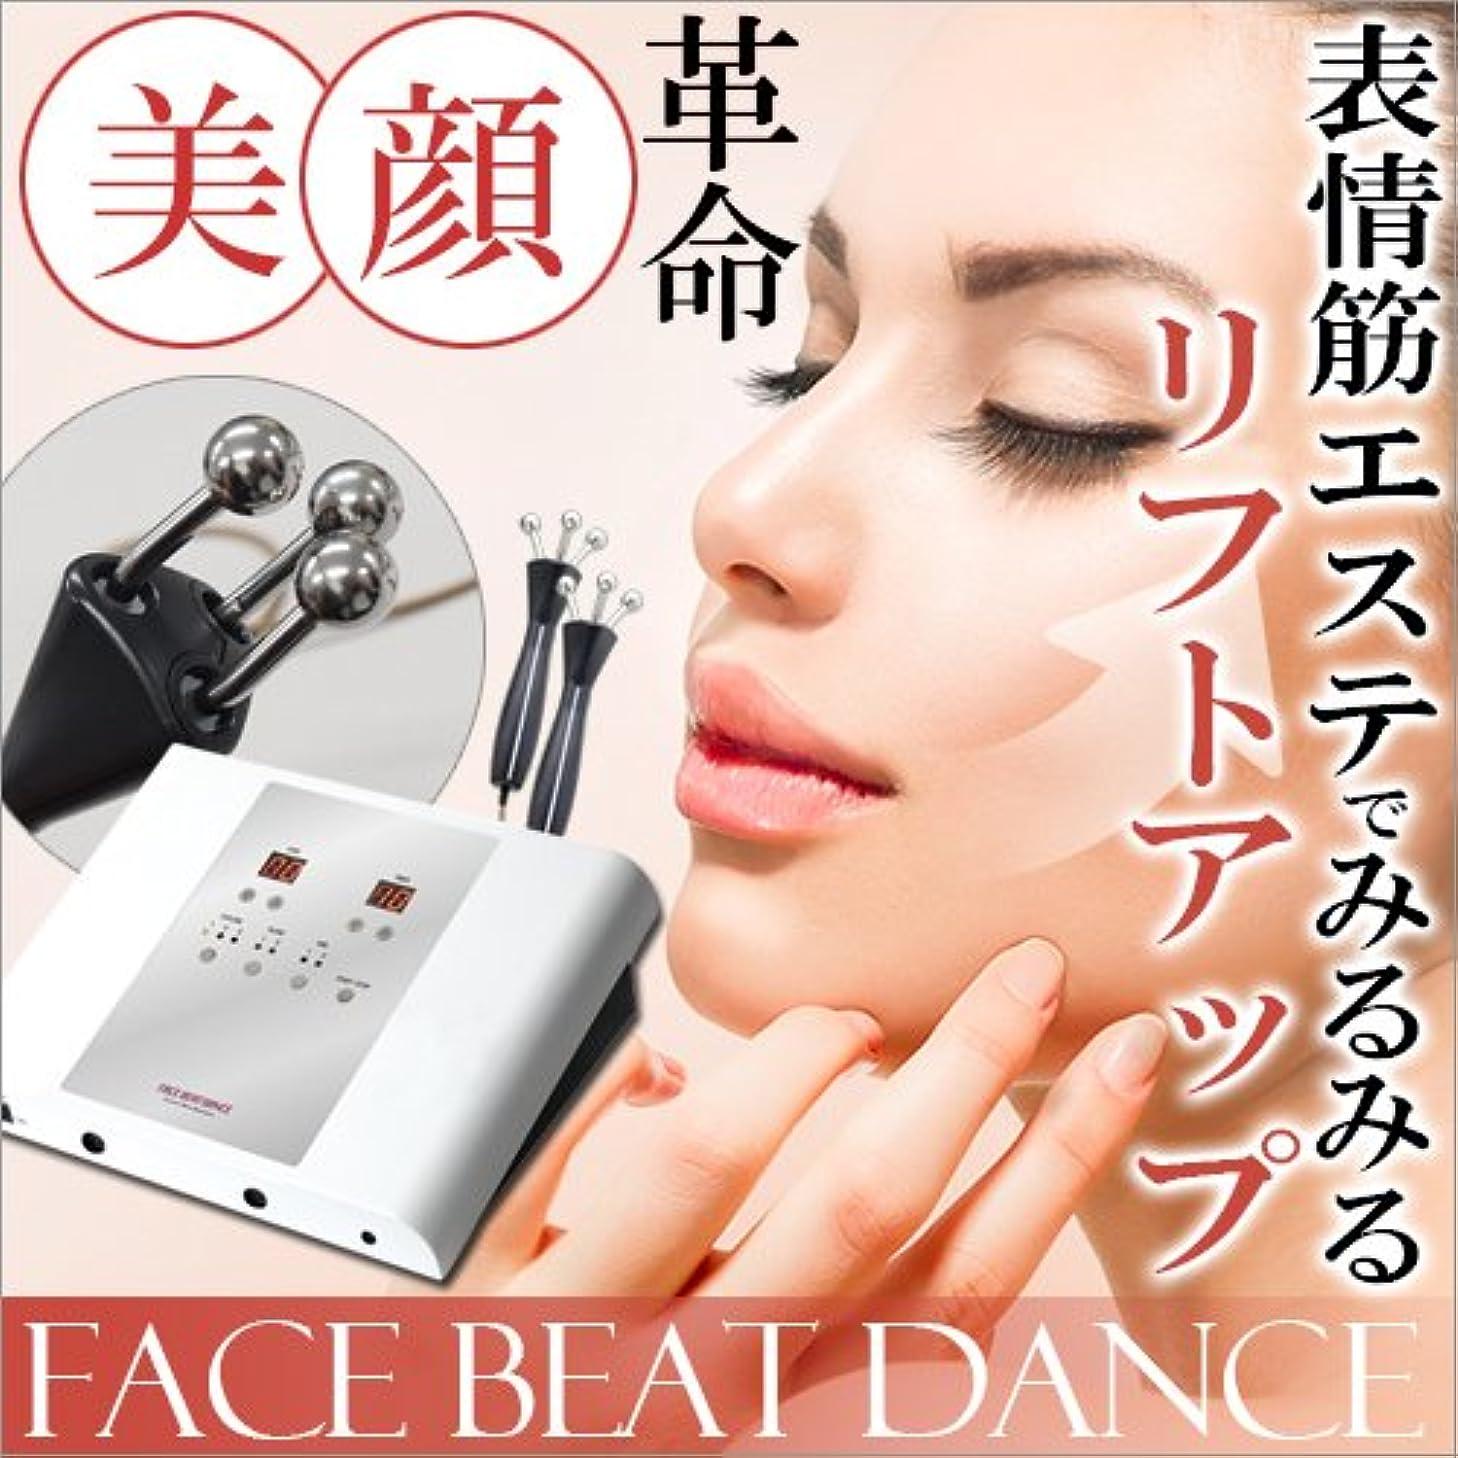 招待枯れるホットエステ業務用 美顔器 FACE BEAT DANCE(フェイスビートダンス)/ 無償納品研修付